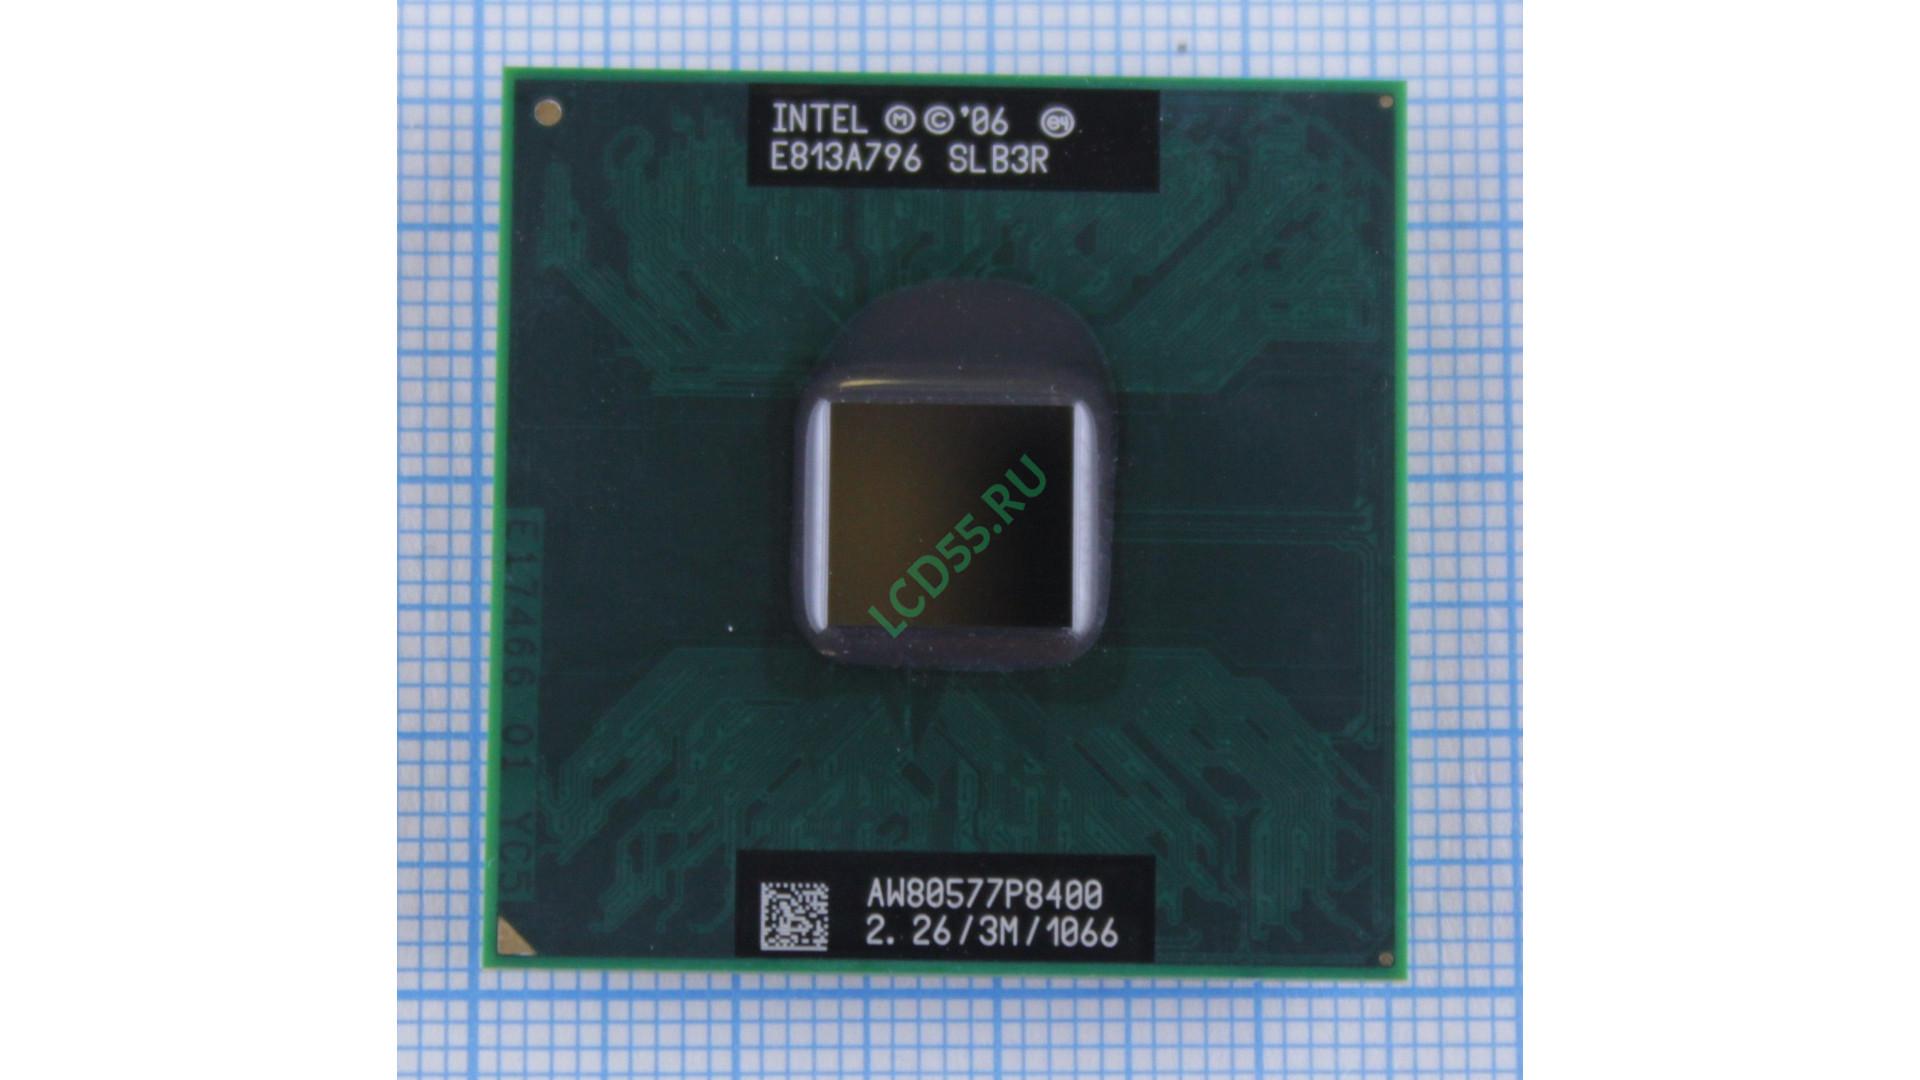 Intel P8400 SLB3R